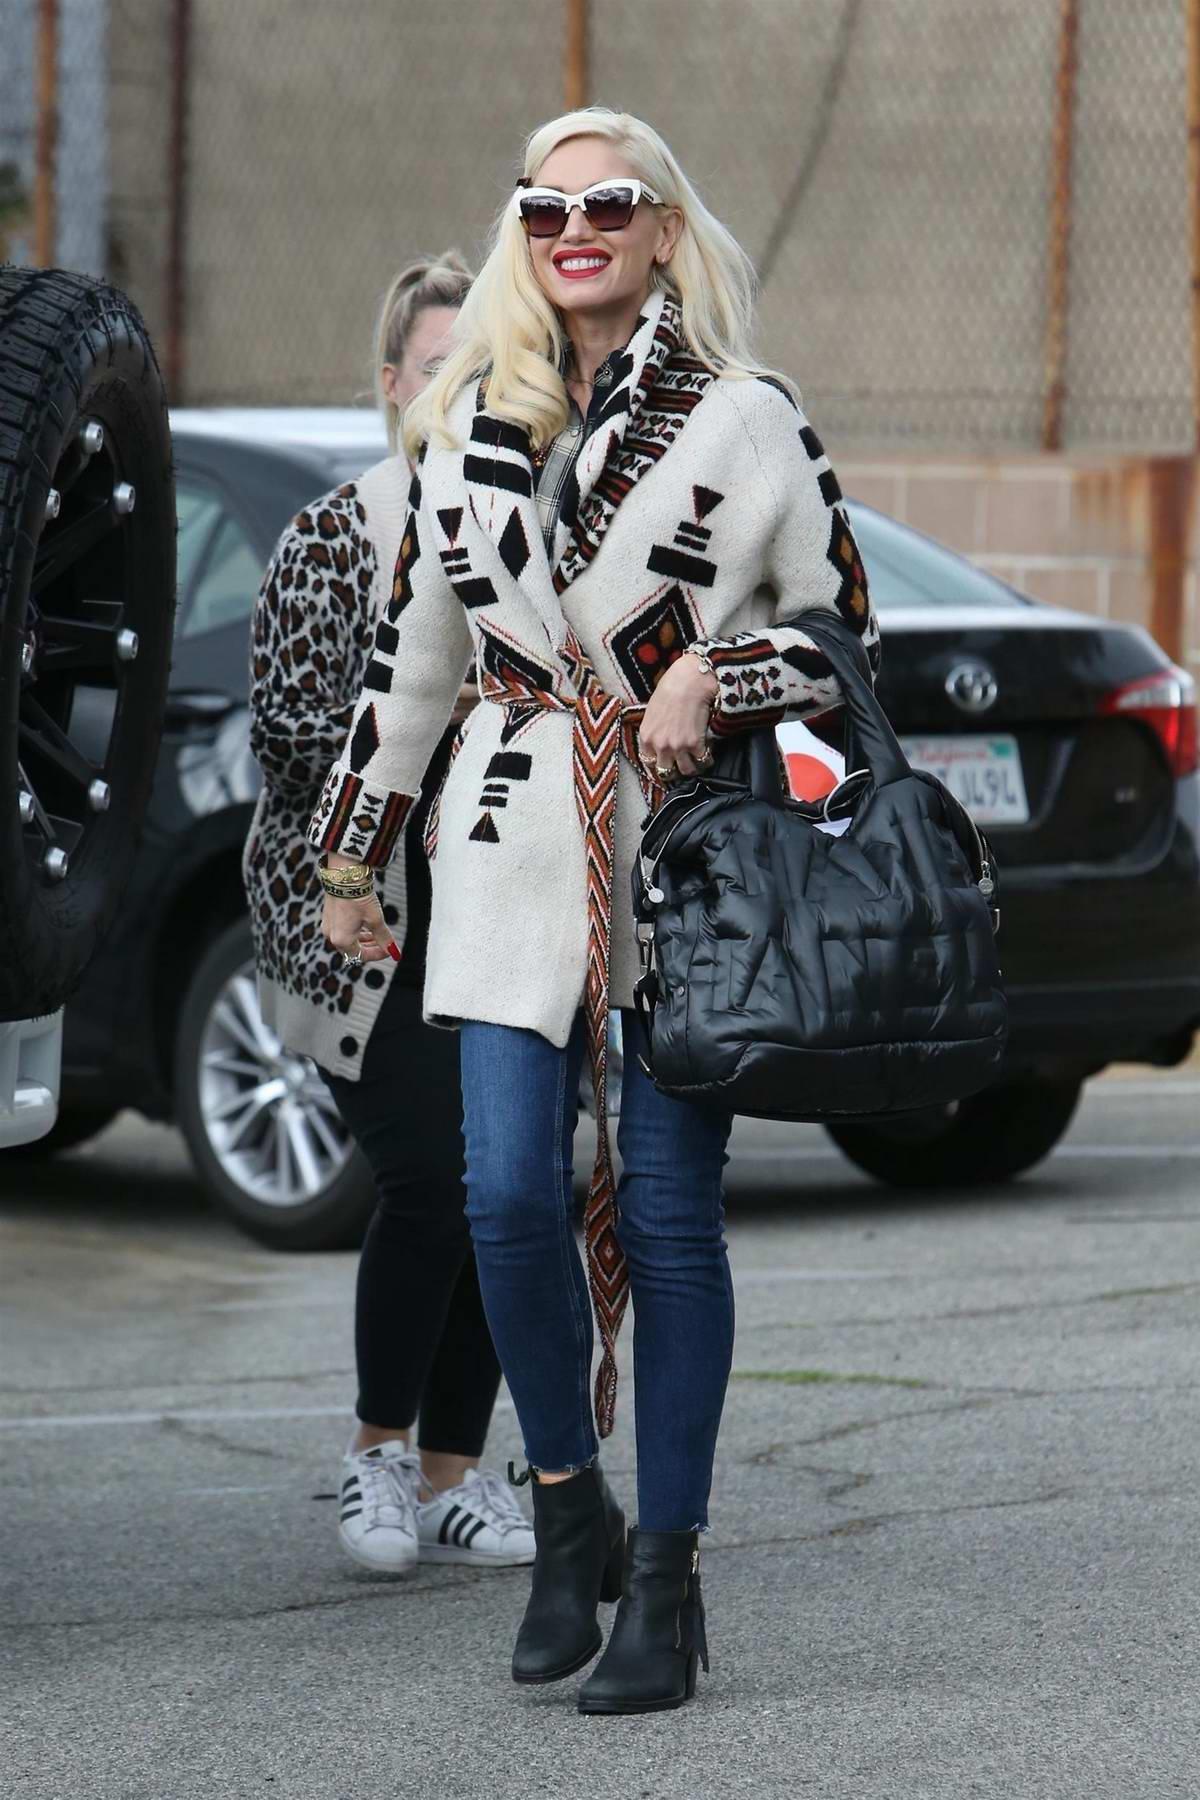 Gwen Stefani heads into a dance studio in Los Angeles